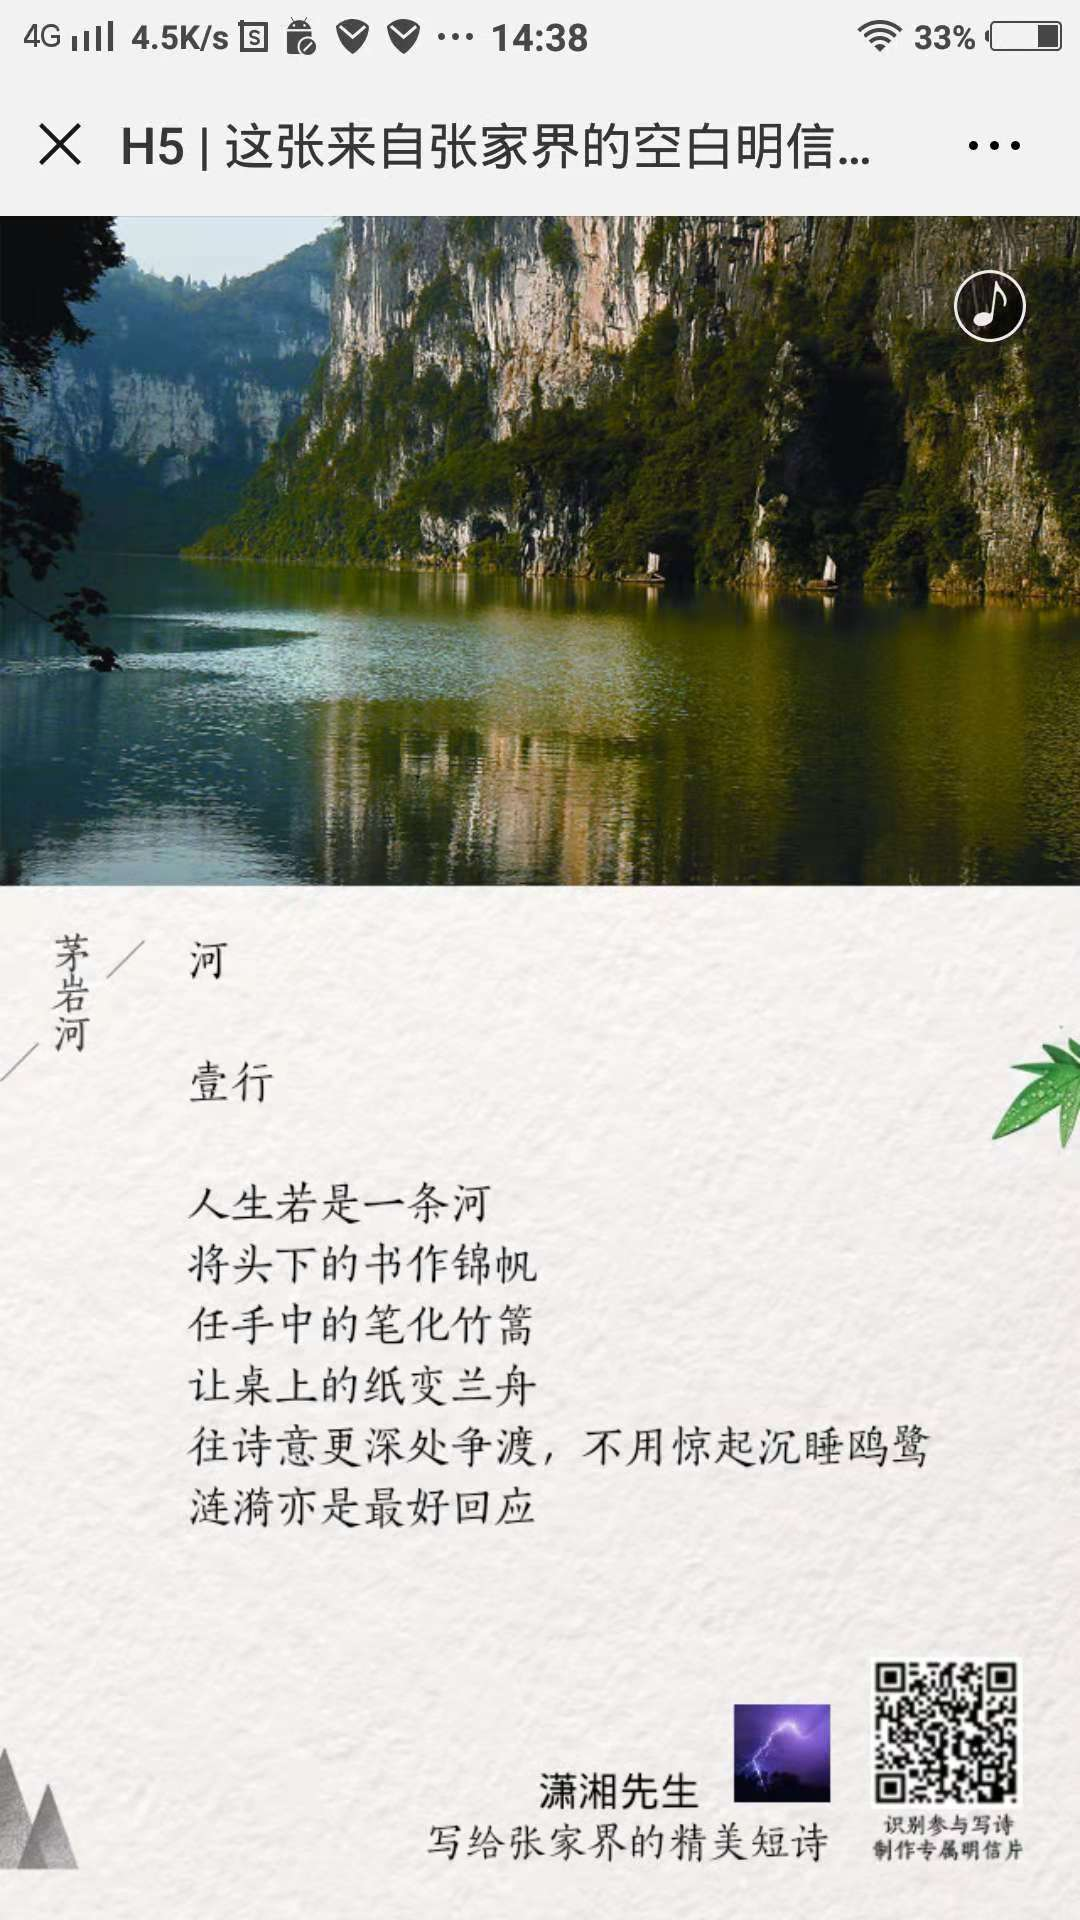 【诗画张家界】朱可夫:张家界国际旅游诗歌节是诗与远方的完美结合